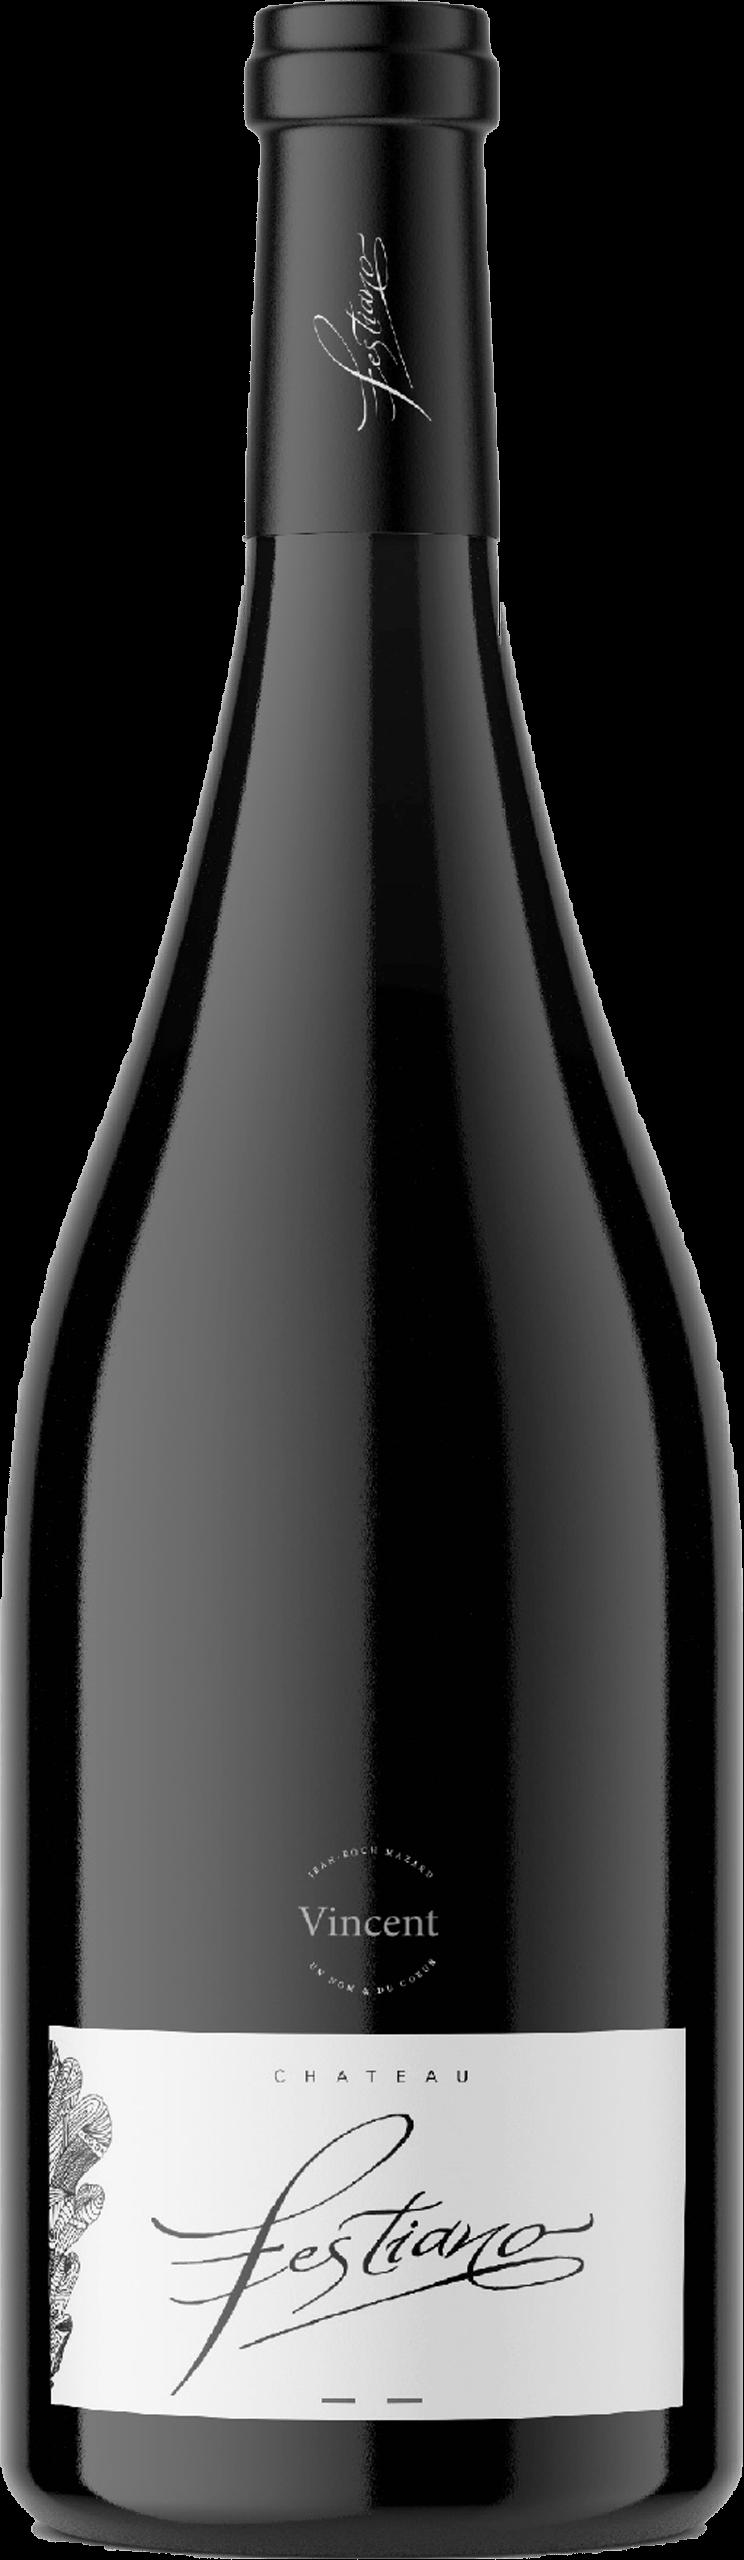 Bouteille de vin Vincent - Les fils